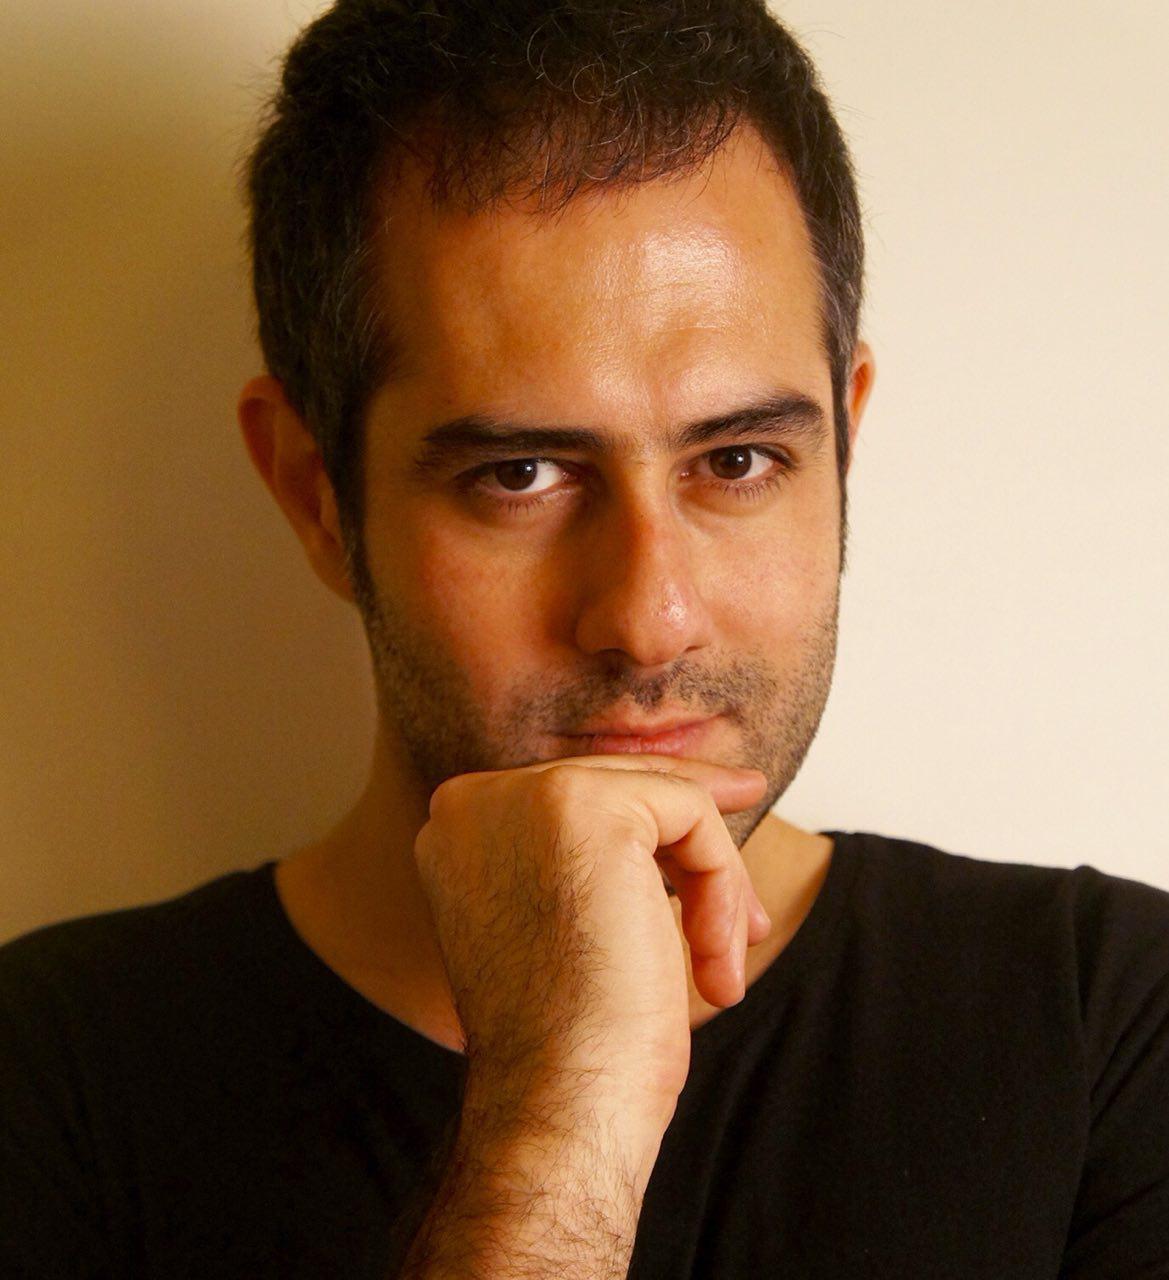 دکتر محسن عبداللهیان,,اخبار اجتماعی,خبرهای اجتماعی,حقوقی انتظامی